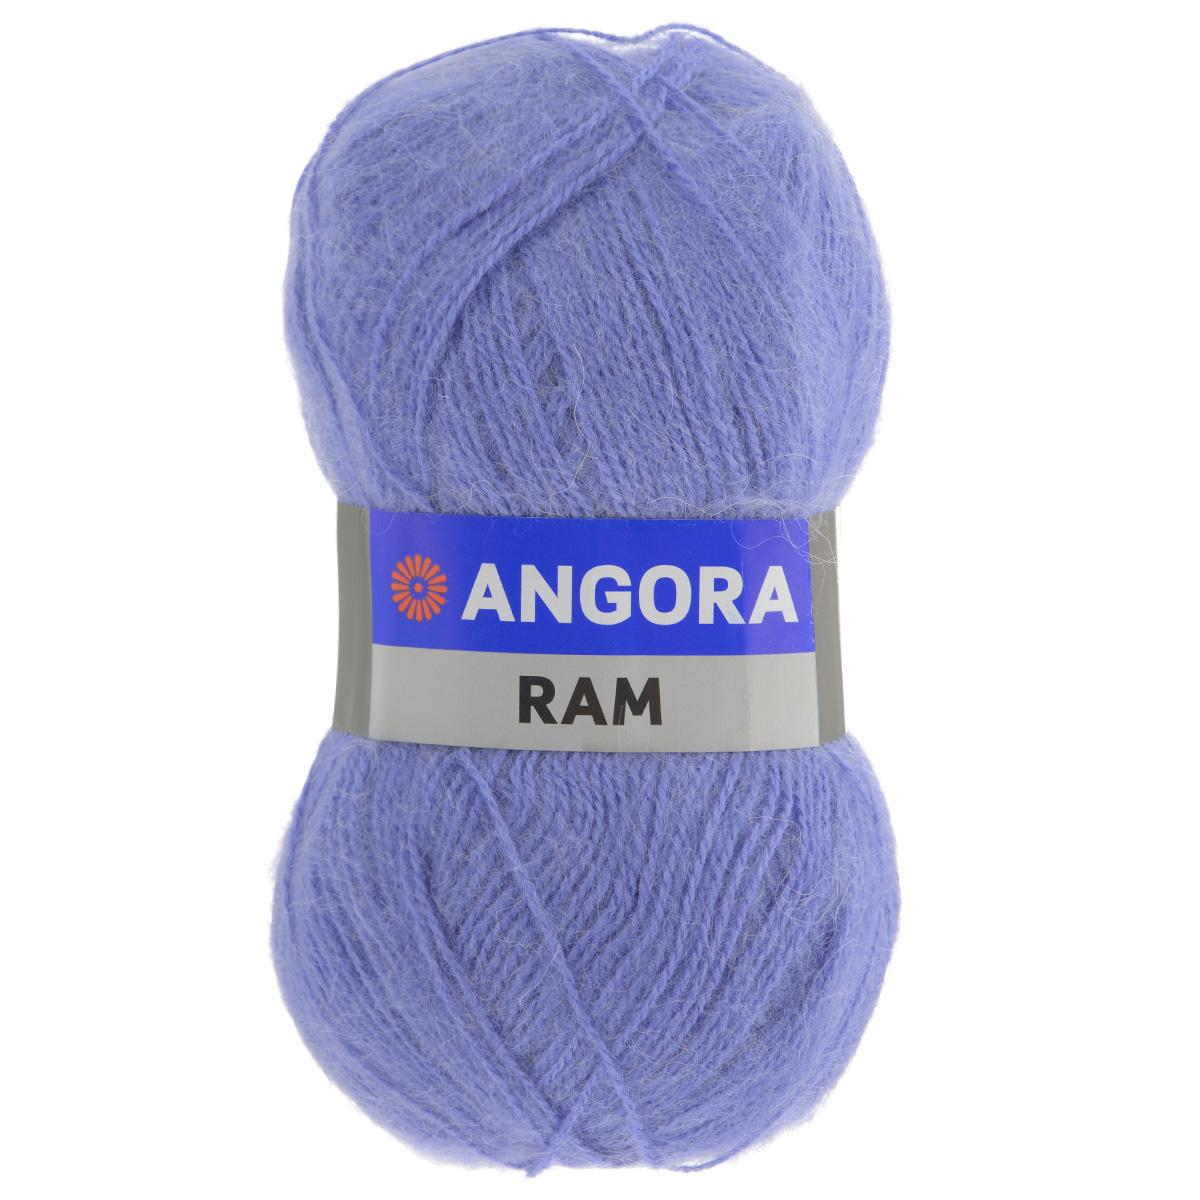 Пряжа для вязания YarnArt Angora Ram, цвет: сирень (553), 500 м, 100 г, 5 шт372037_553Пряжа для вязания YarnArt Angora Ram изготовлена из натурального мохера с добавлением акрила. Пряжа из такого материала обладает повышенной прочностью и эластичностью, а изделия получаются теплые и уютные. Скрутка нити плотная, равномерная, не расслаивается, не путается, хорошо скользит по спицам, вяжется очень легко. Петли выглядят аккуратно, а натуральный мохер обеспечивает теплоту, легкость и превосходный внешний вид. Нить можно комбинировать с полушерстяными пряжами для смягчения рисунка, придания благородной пушистости фактуре нити, а также для улучшения тепловых характеристик. Благодаря содержанию синтетических волокон, изделия из YarnArt Angora Ram устойчивы к скатыванию, а благодаря своей мягкости такая пряжа подходит для детских вещей. Ажурные вещи сохраняют тепло не хуже плотного вязания, оставаясь легкими и объемными. Рекомендована ручная стирка до 30°C. Рекомендованные спицы и крючок для вязания 4 мм. ...